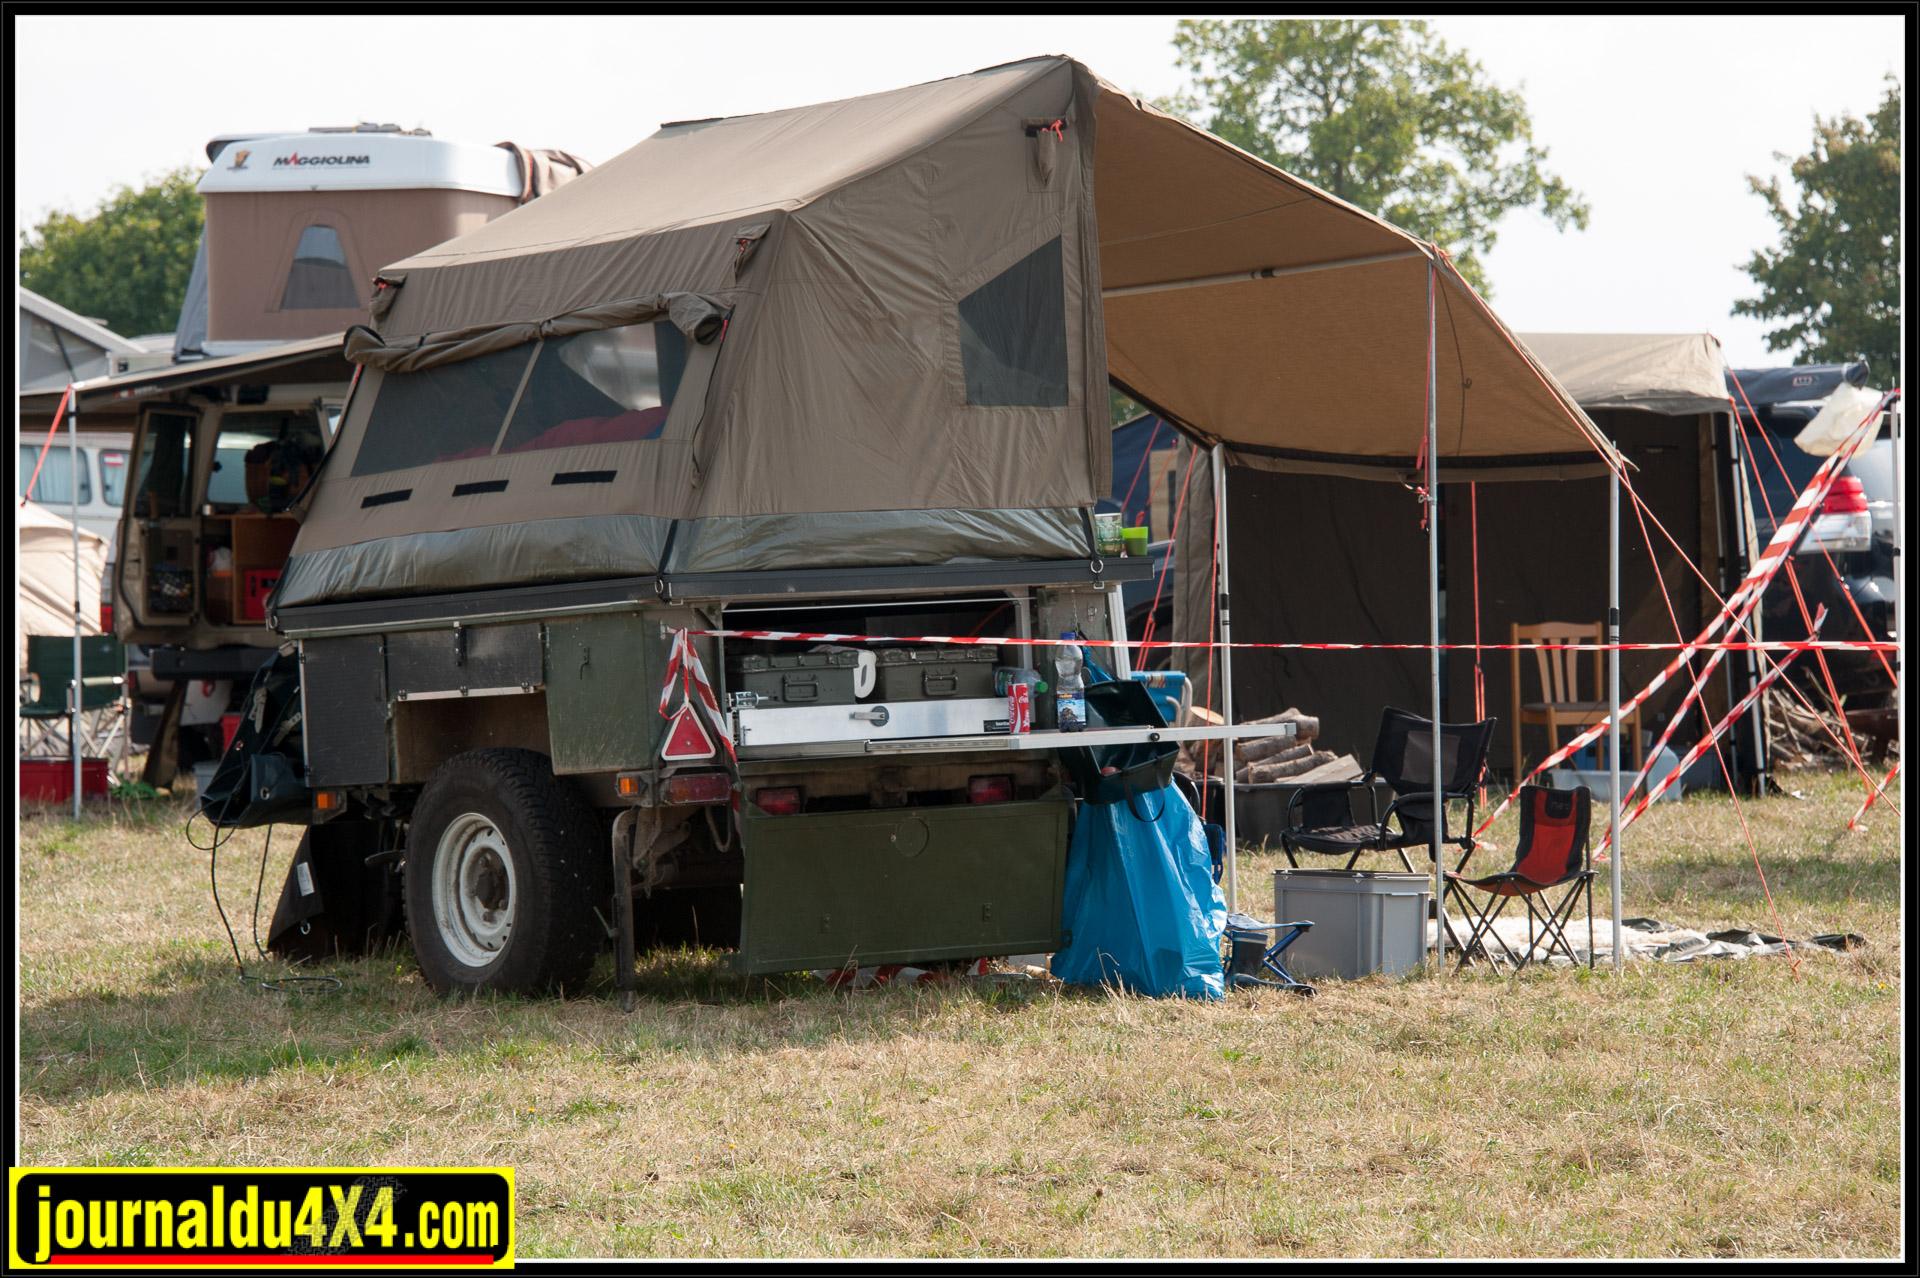 Il est possible d'équiper une remorque à moindre coût: une Sankey, quelques malles et une tente OZ